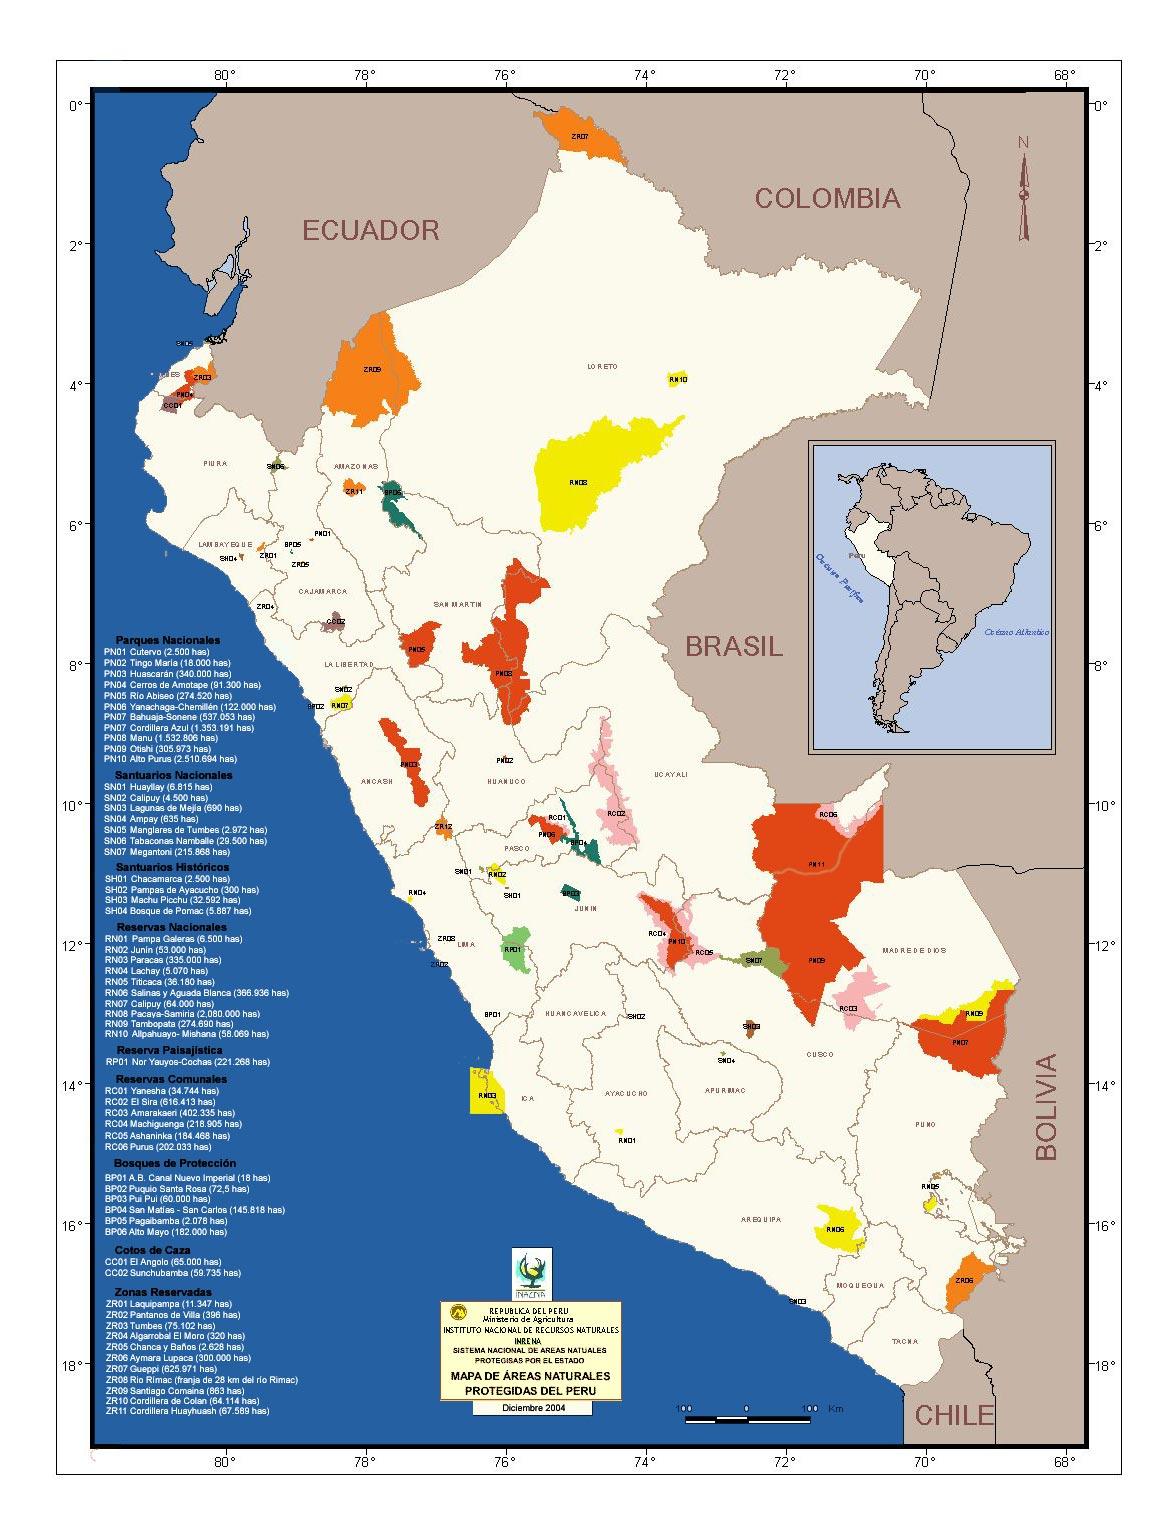 áreas naturales protegidas en el perú existen 62 áreas naturales